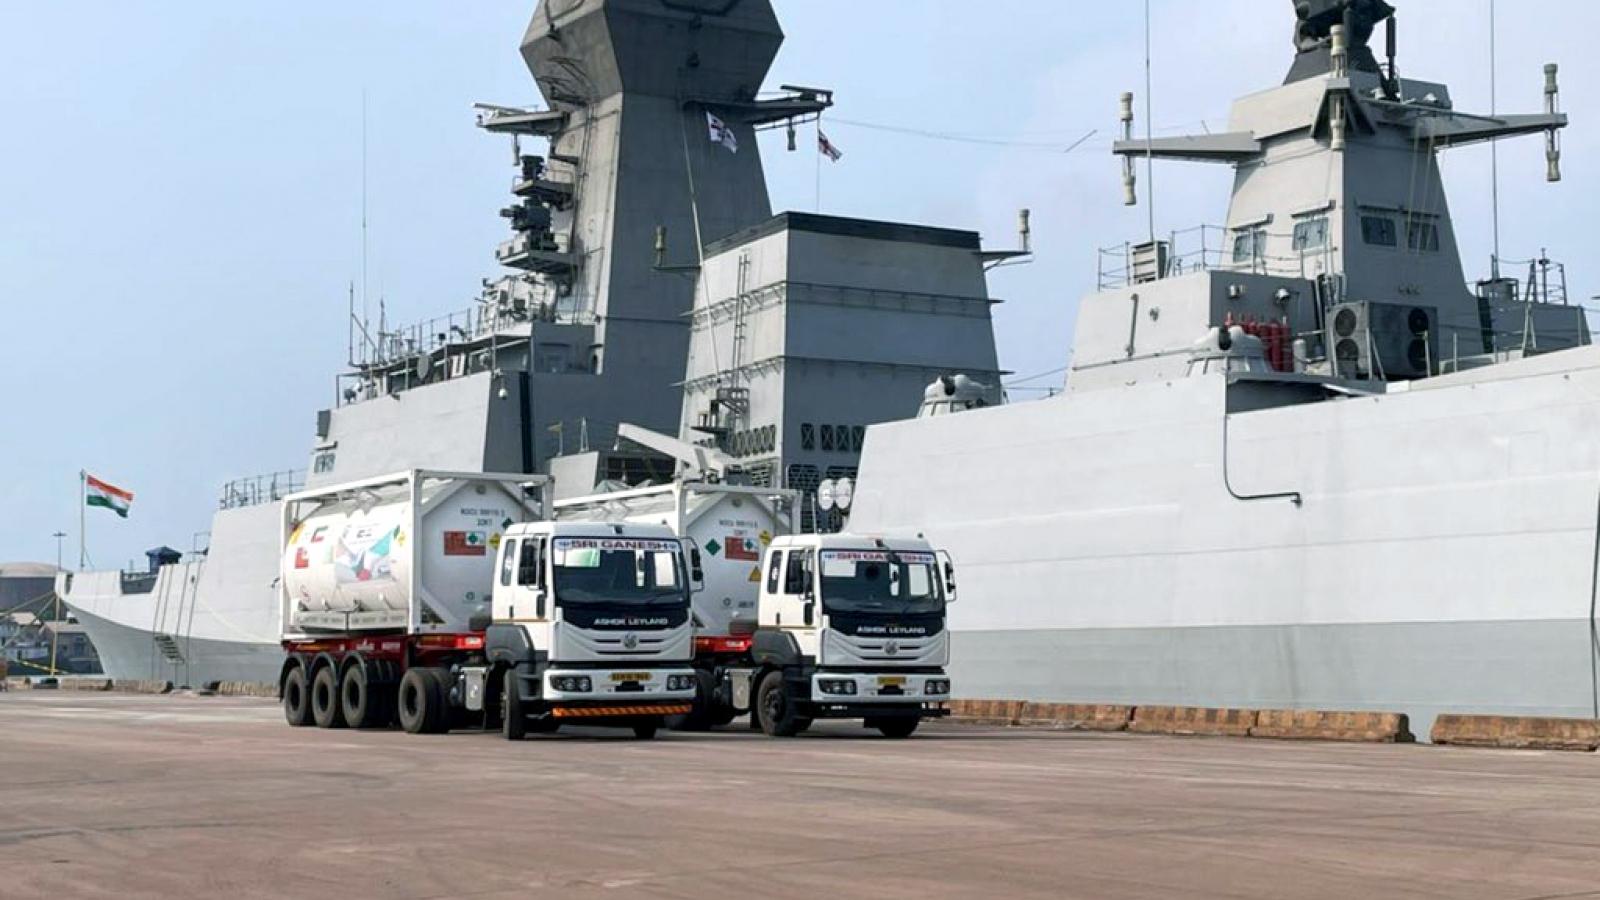 Không quân và Hải quân Ấn Độ tăng cường vận chuyển hàng cứu trợ Covid-19